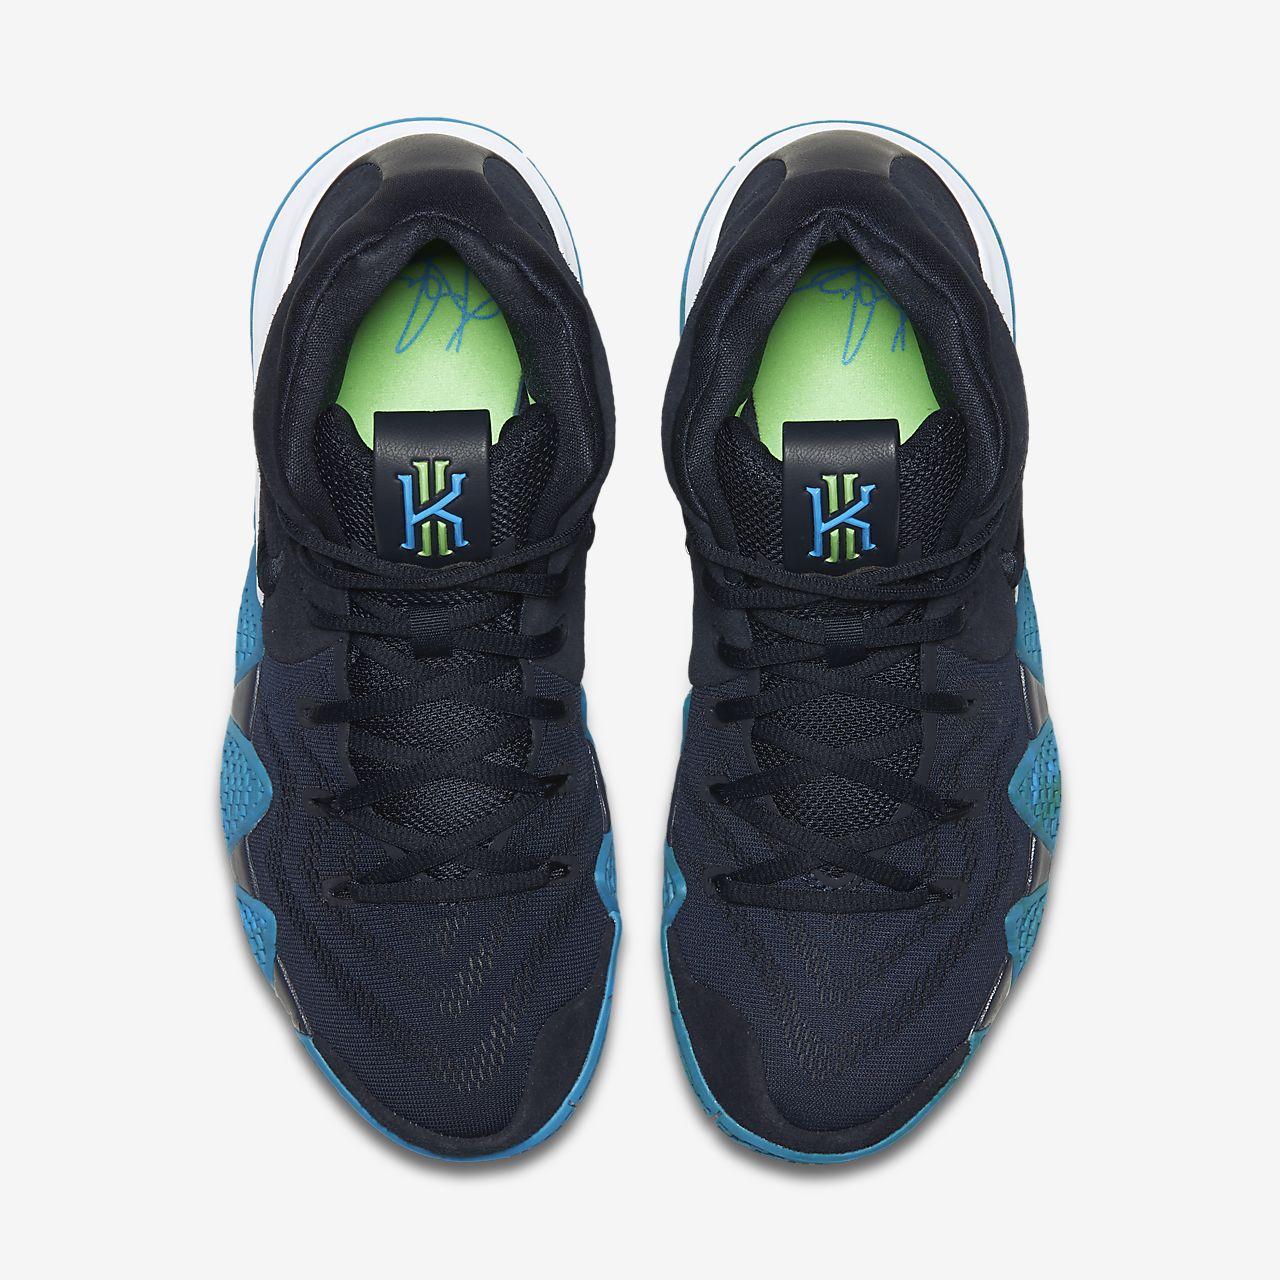 Kyrie 4 Basketball Shoe Nike GB